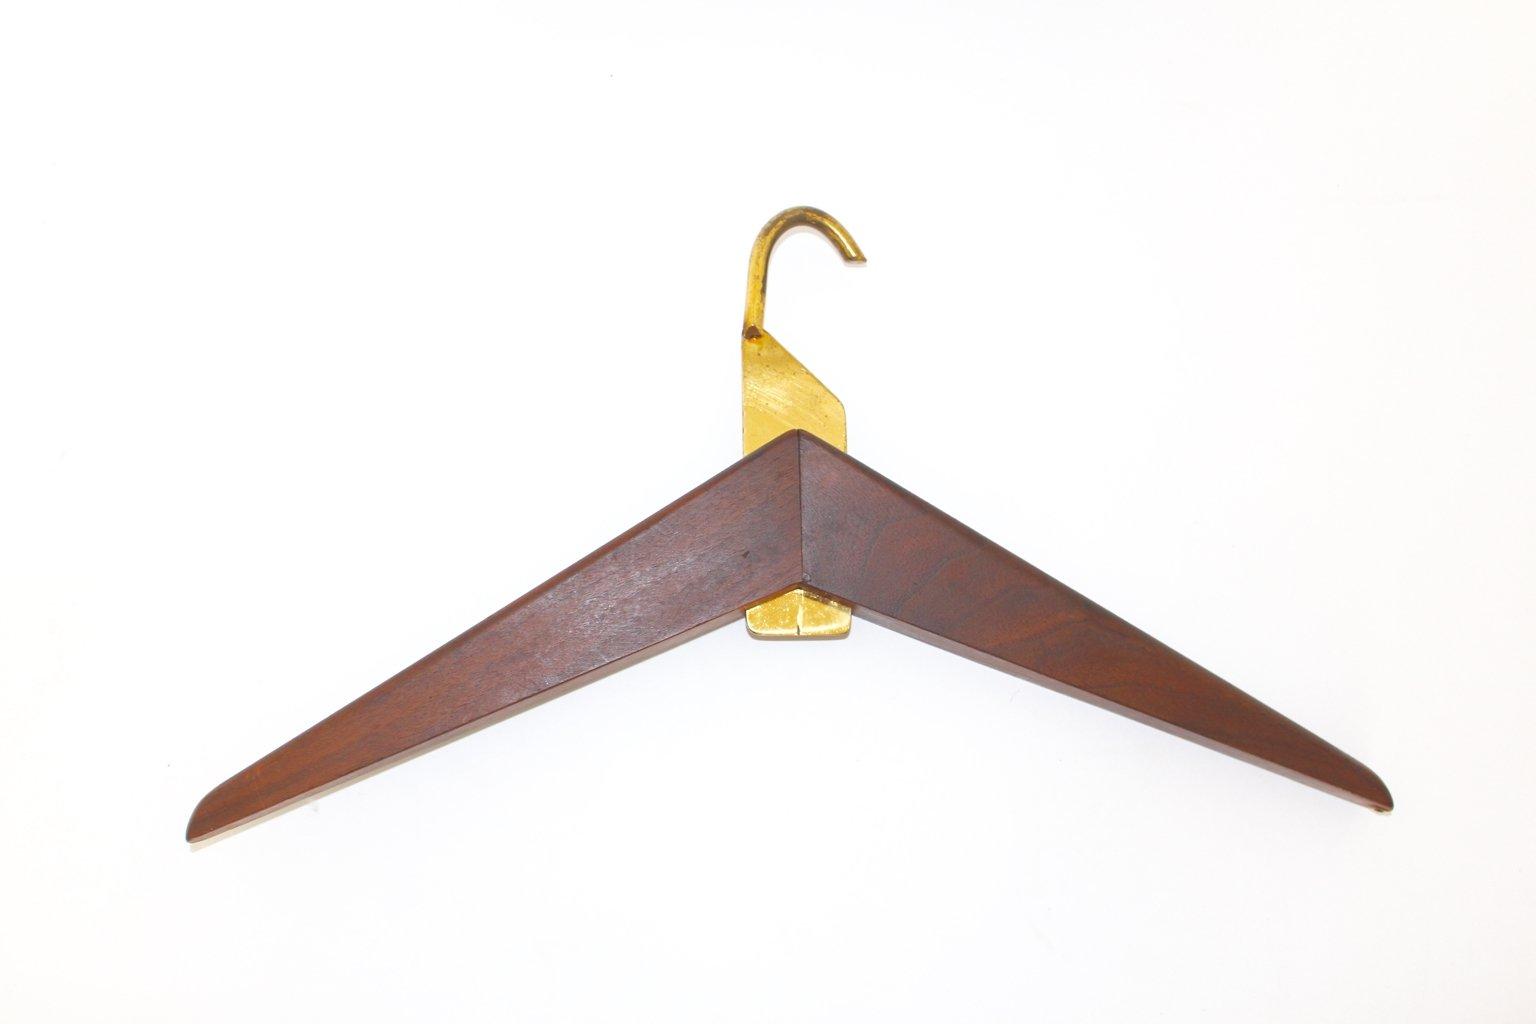 italienischer mid century walnuss kleiderb gel bei pamono kaufen. Black Bedroom Furniture Sets. Home Design Ideas